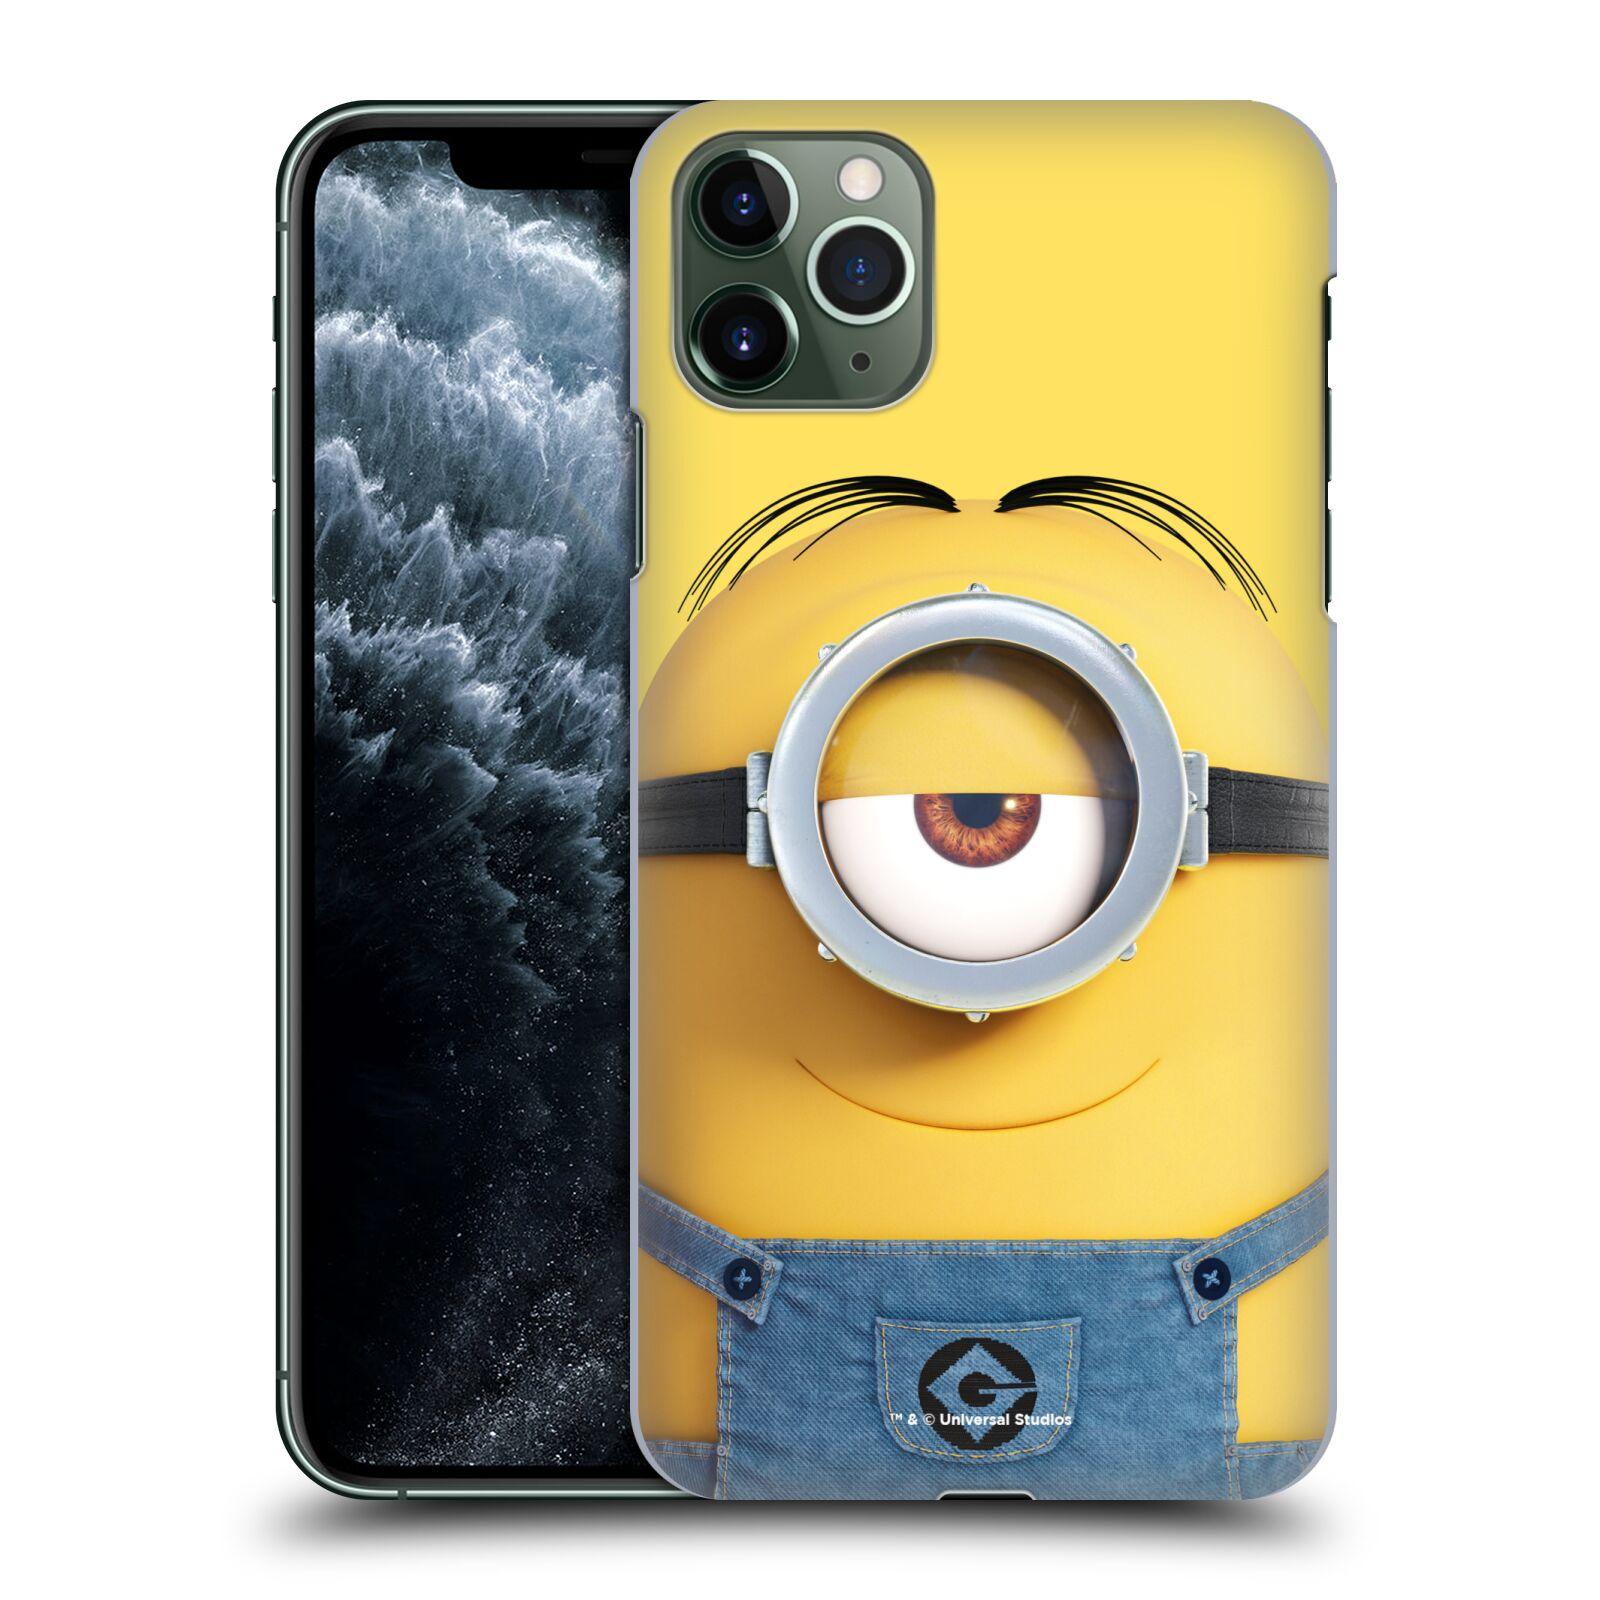 Plastové pouzdro na mobil Apple iPhone 11 Pro Max - Head Case - Mimoň Stuart z filmu Já, padouch - Despicable Me